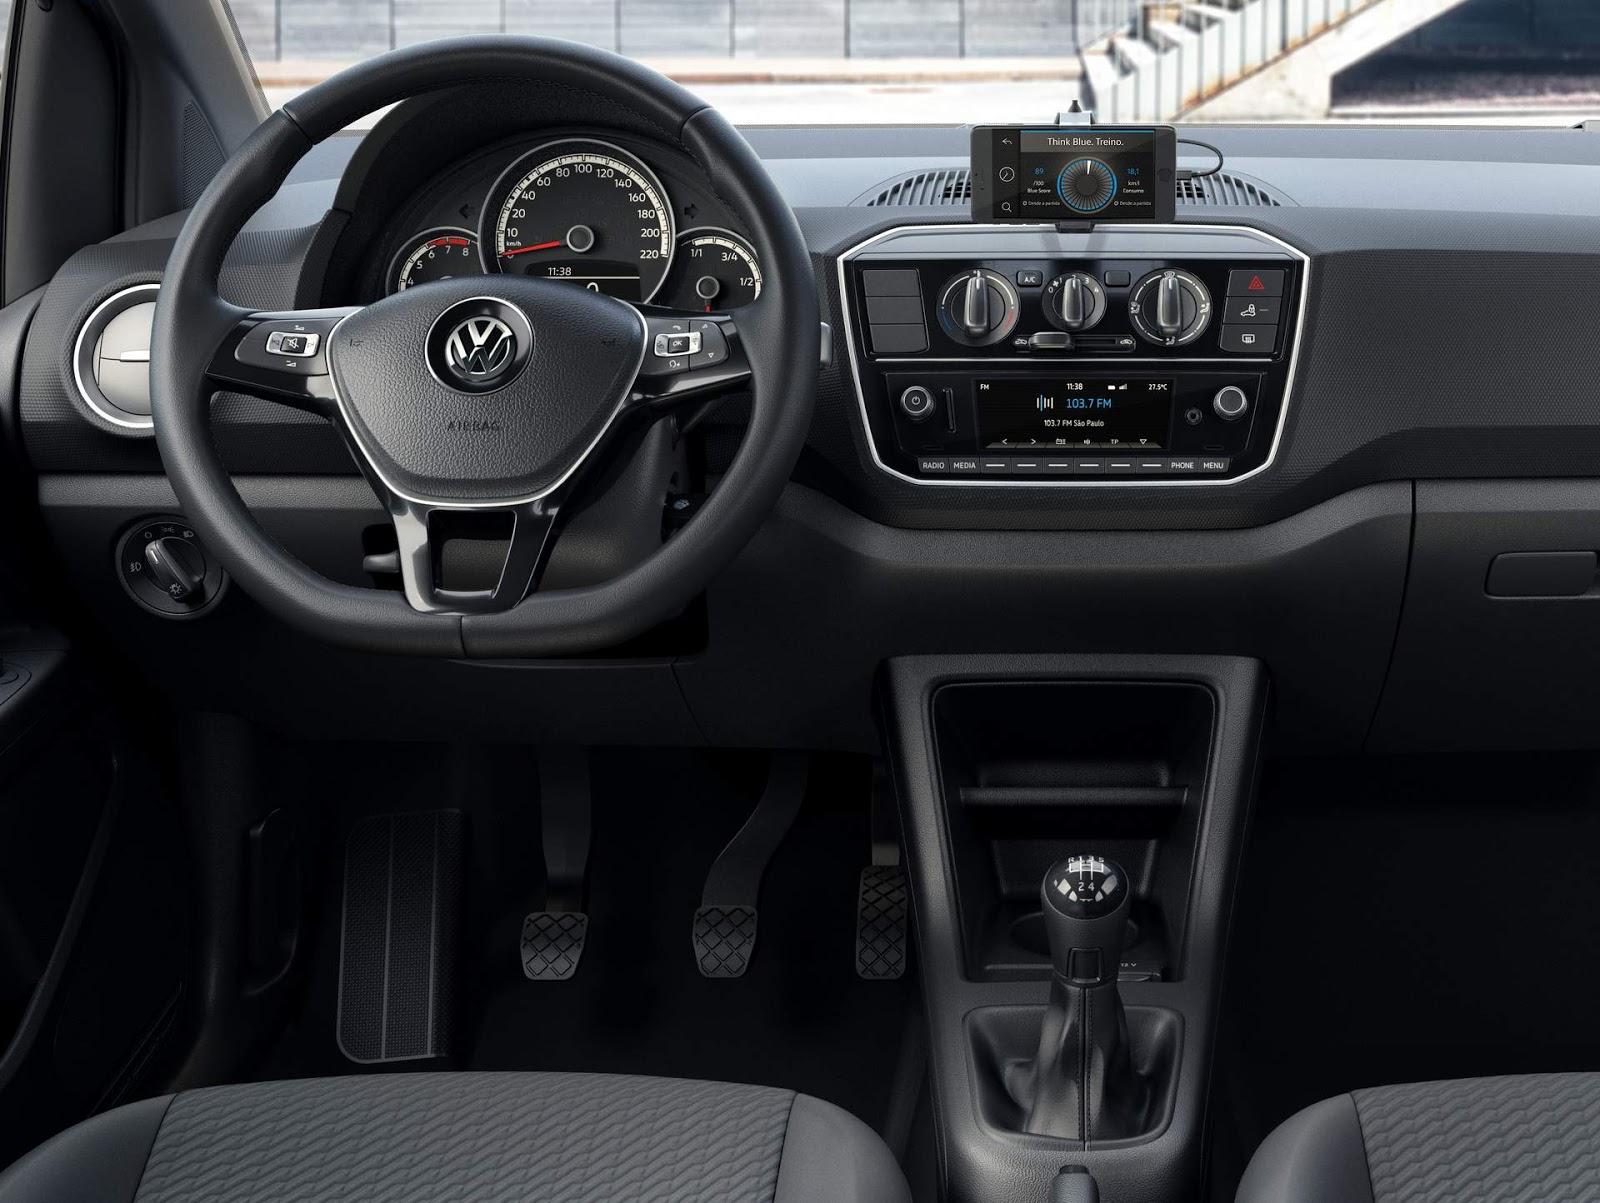 Novo volkswagen up 2018 fotos e detalhes oficiais for B b interno 8